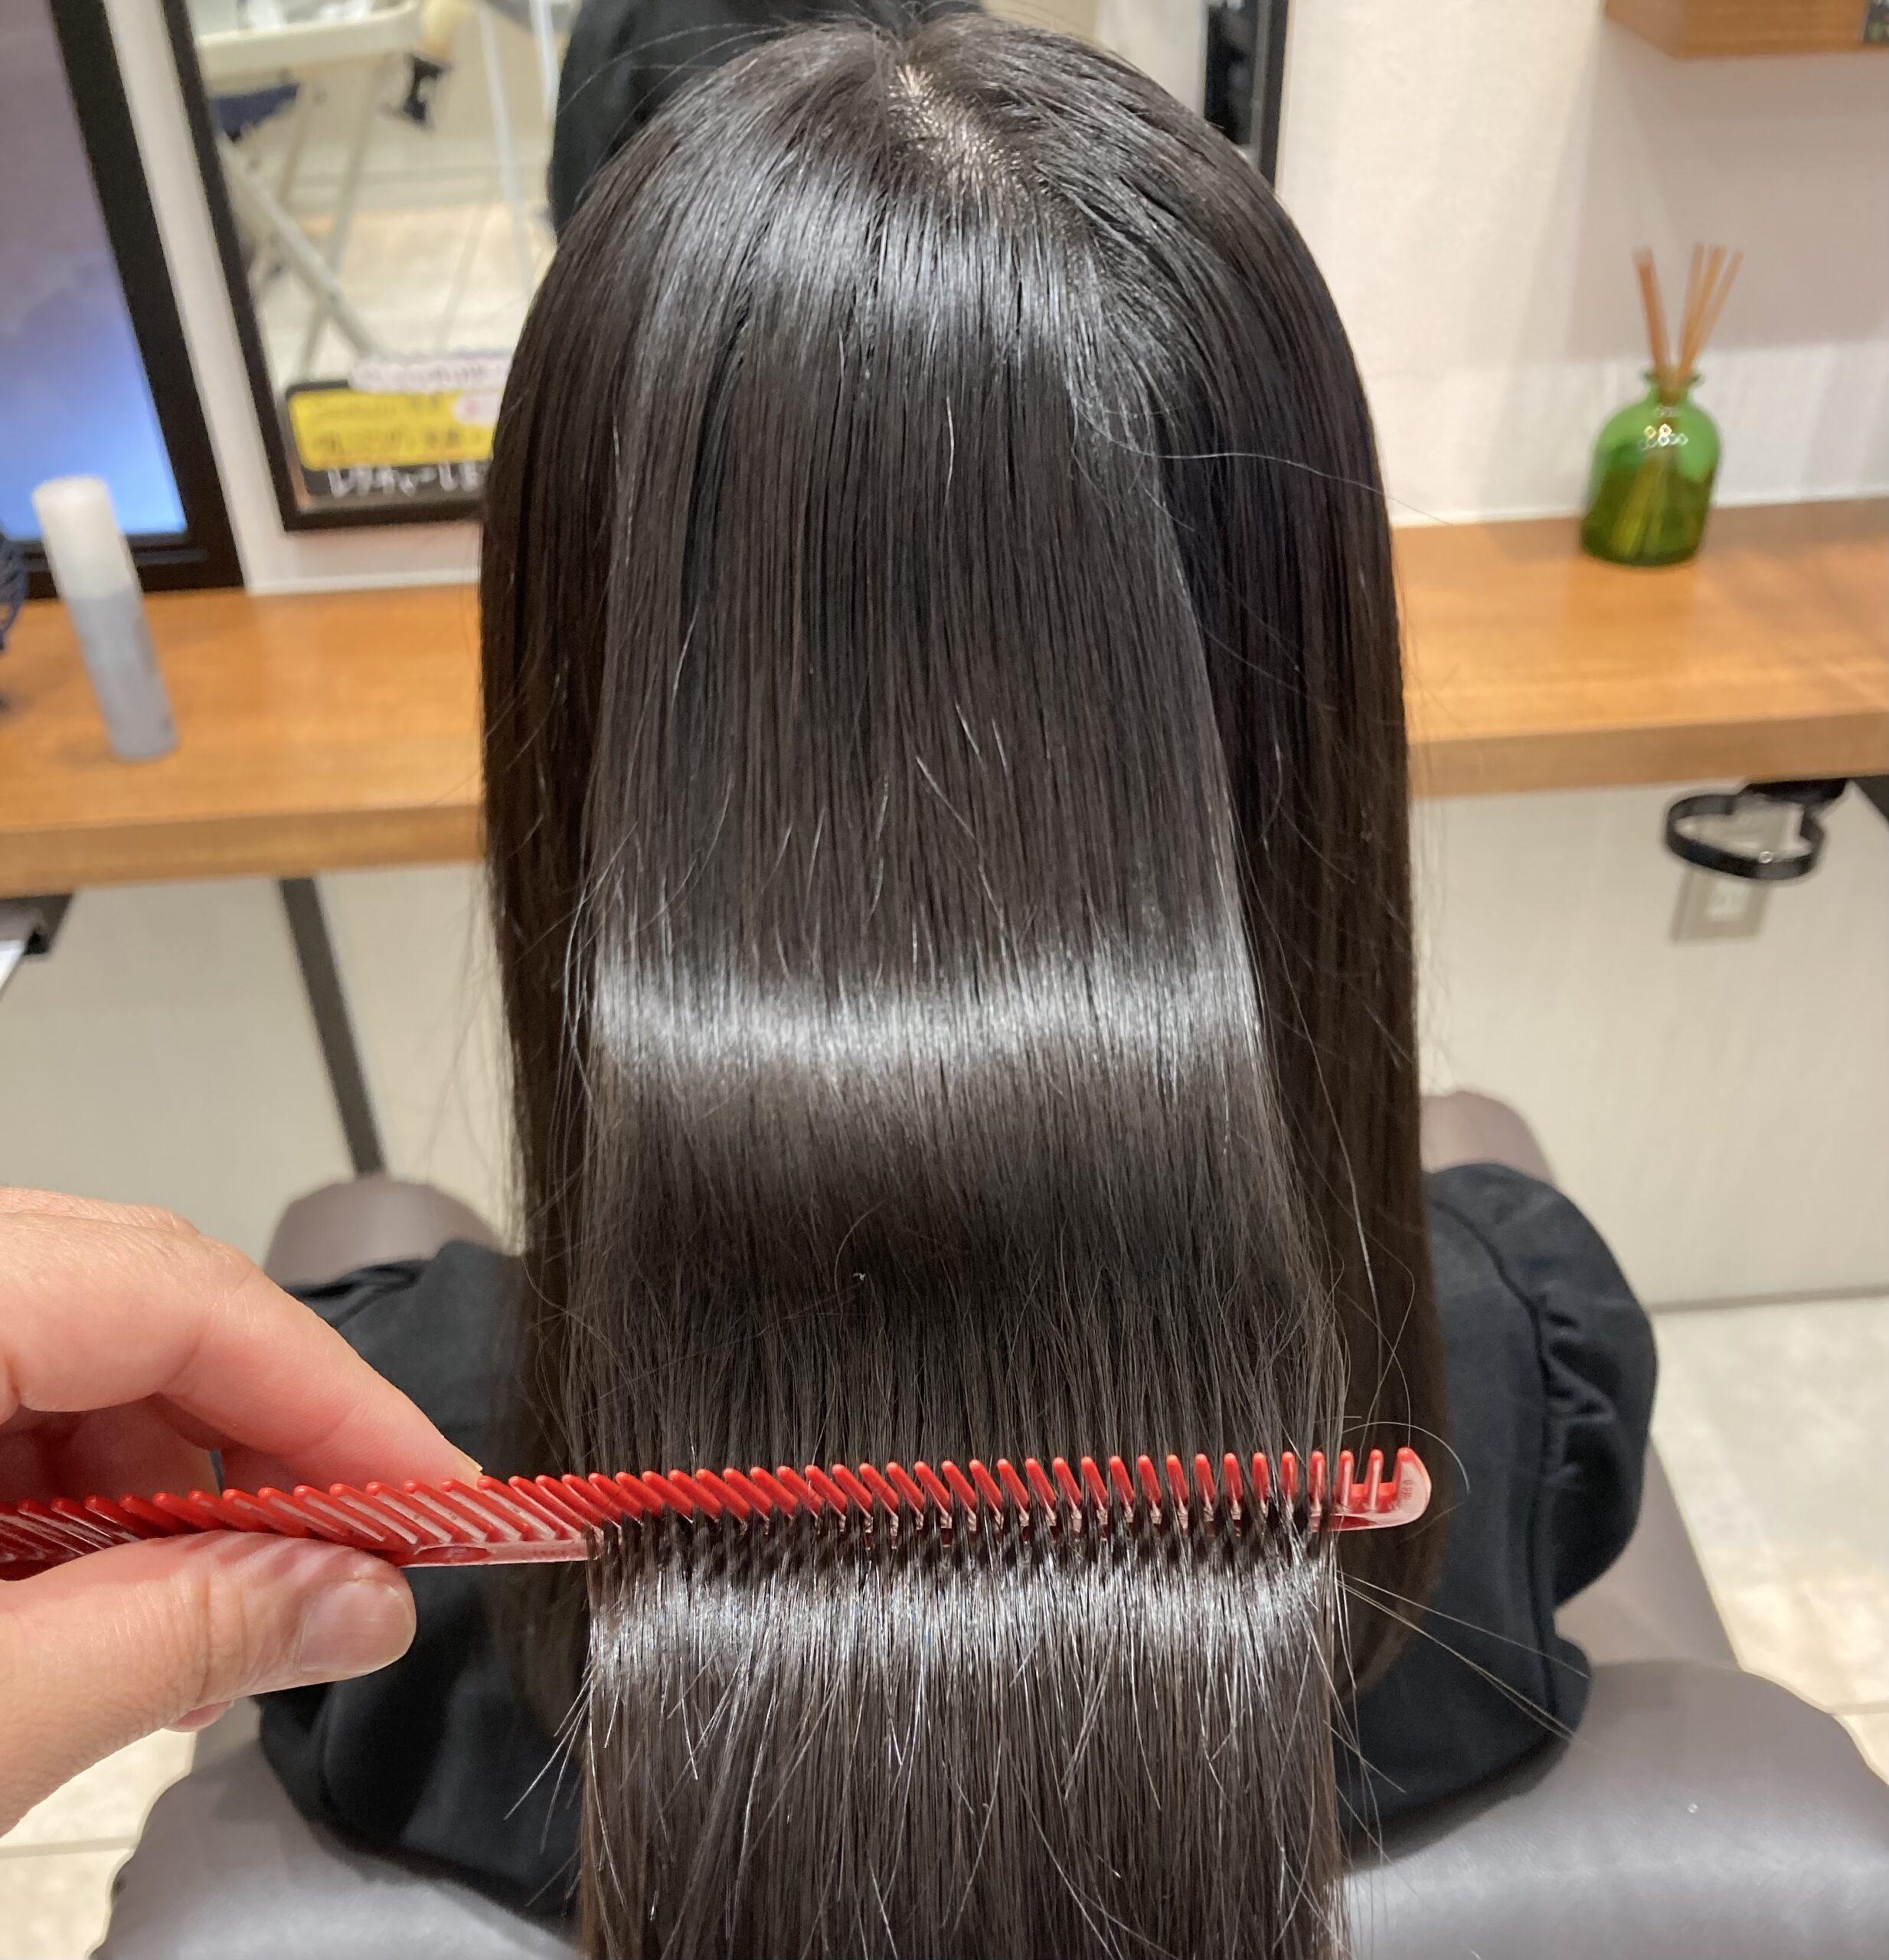 毛先を切る 全体のバランスを整える 枝毛を切る あとひと手間 何が必要か ご相談ください。 #船橋の美容室 #美容室そうだすい #髪に優しい美容室 #肌に優しい美容室 #髪のお手入れ